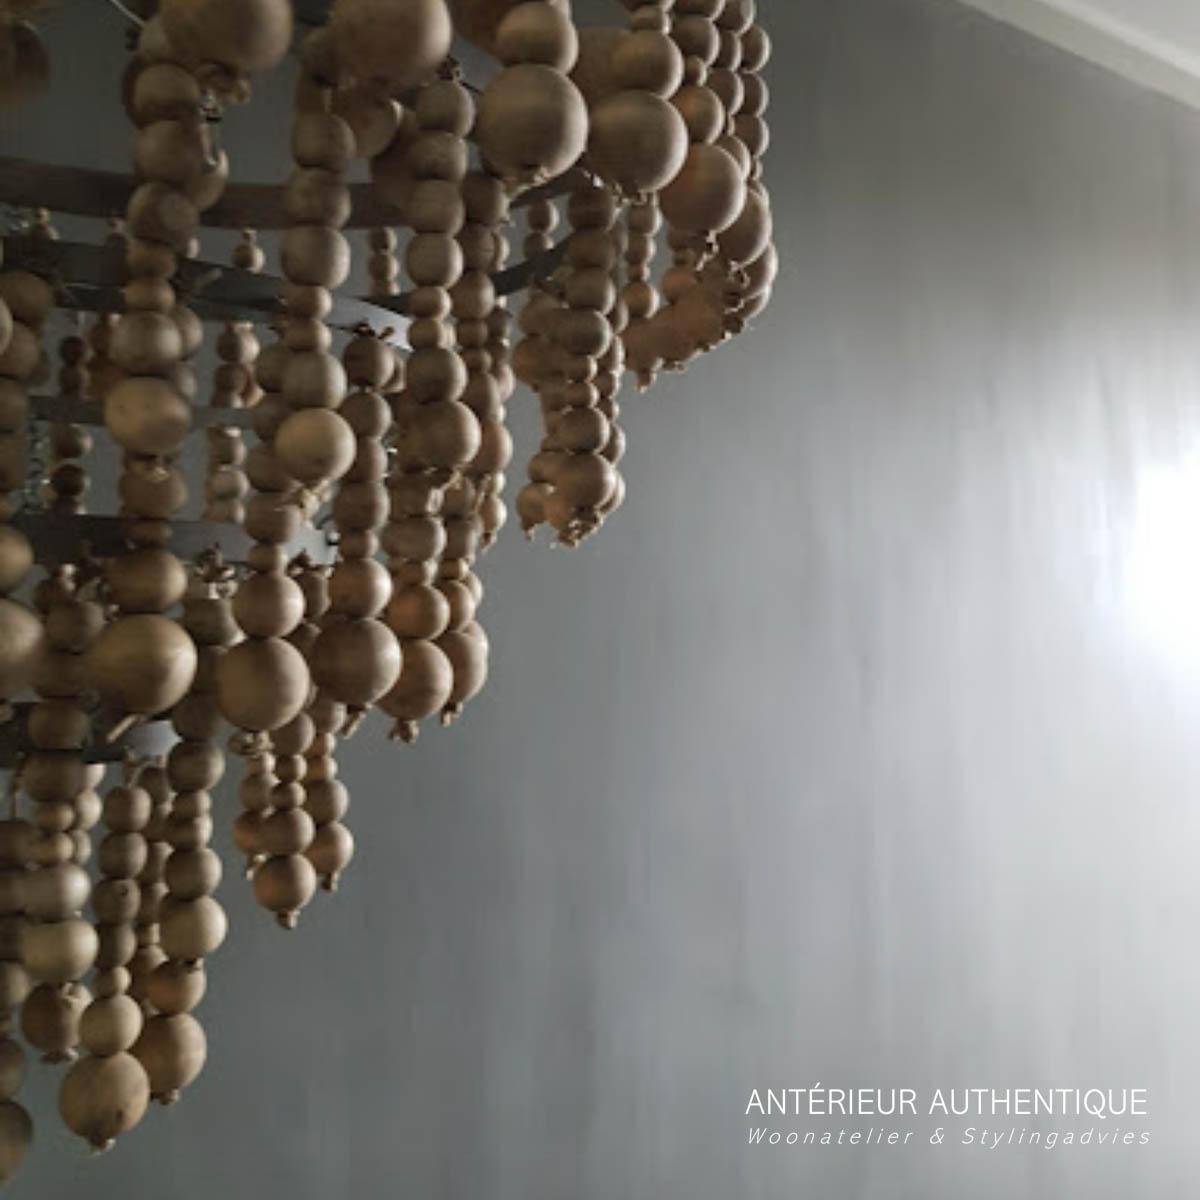 Afbeelding van hanglamp kralen met nadruk op de kralenkettingenvoor webshop van Antérieur Authentique